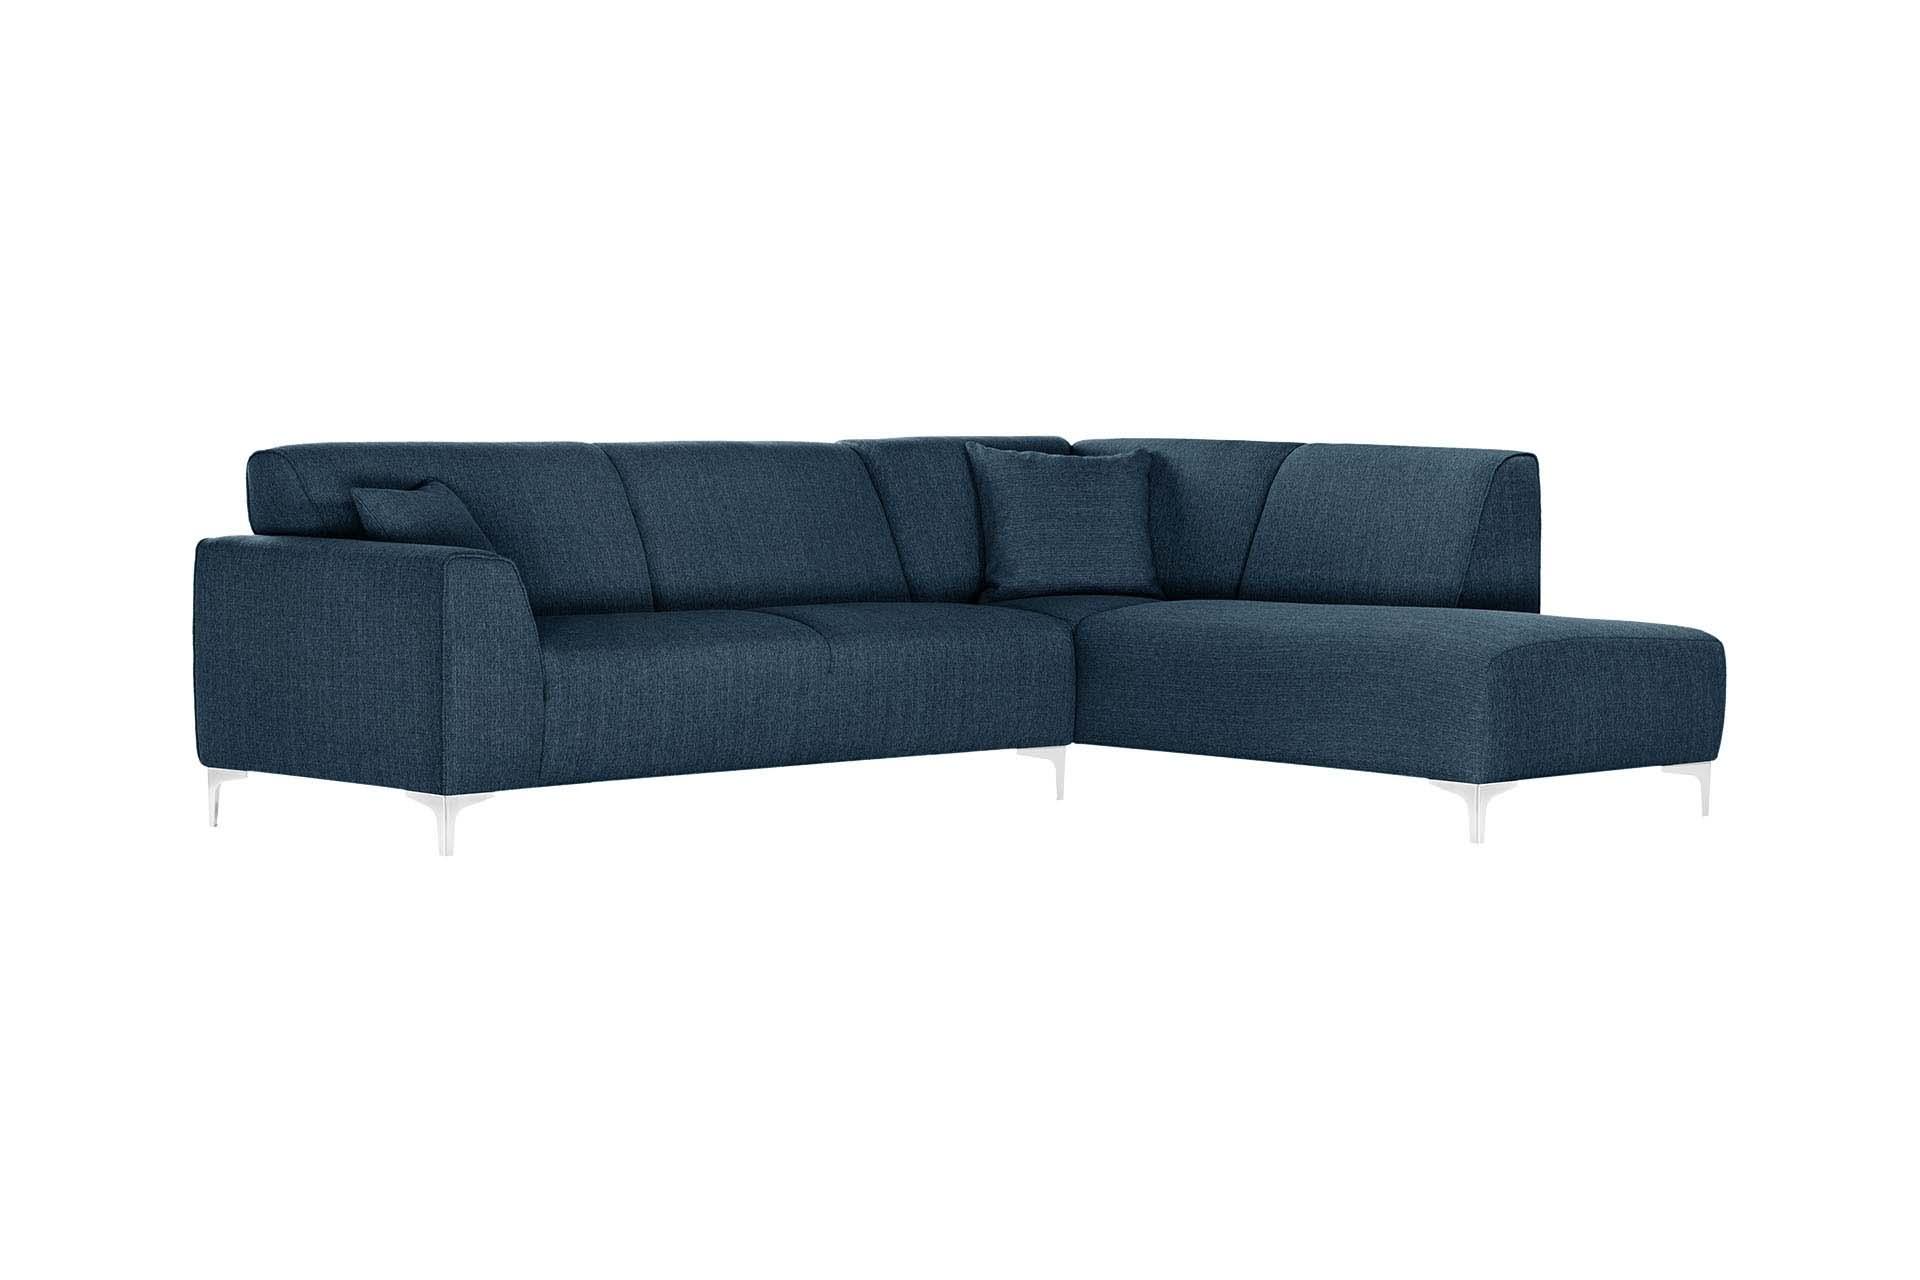 Canapé d'angle 5 places Bleu Design